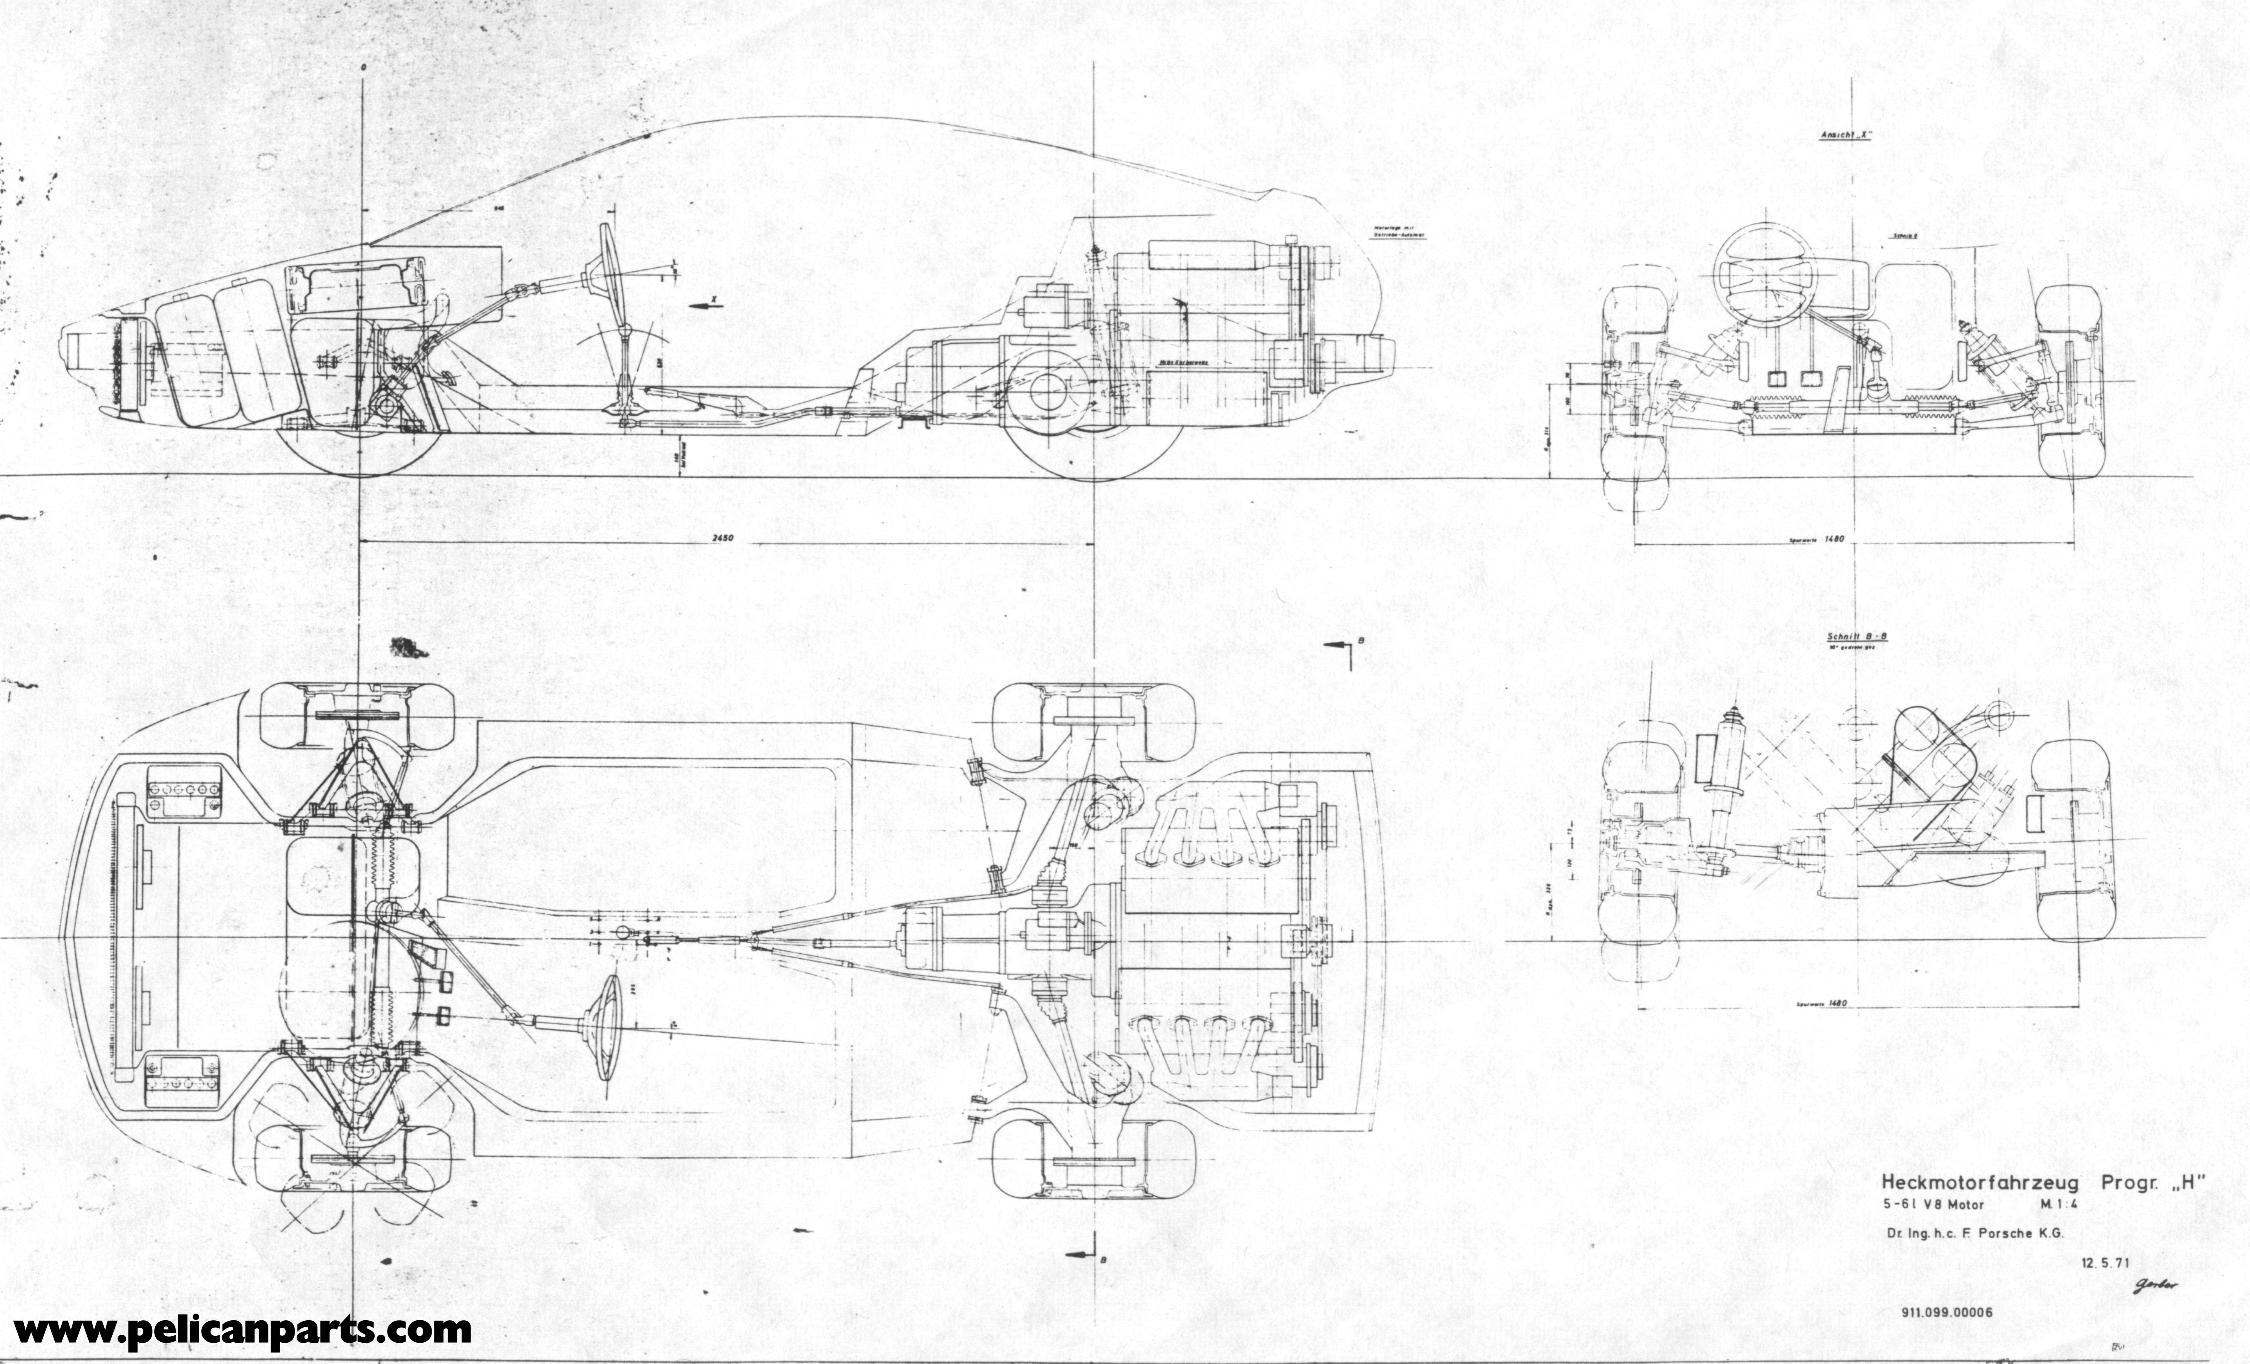 Pelican Parts: Original German 911/928 Prototype Blueprint